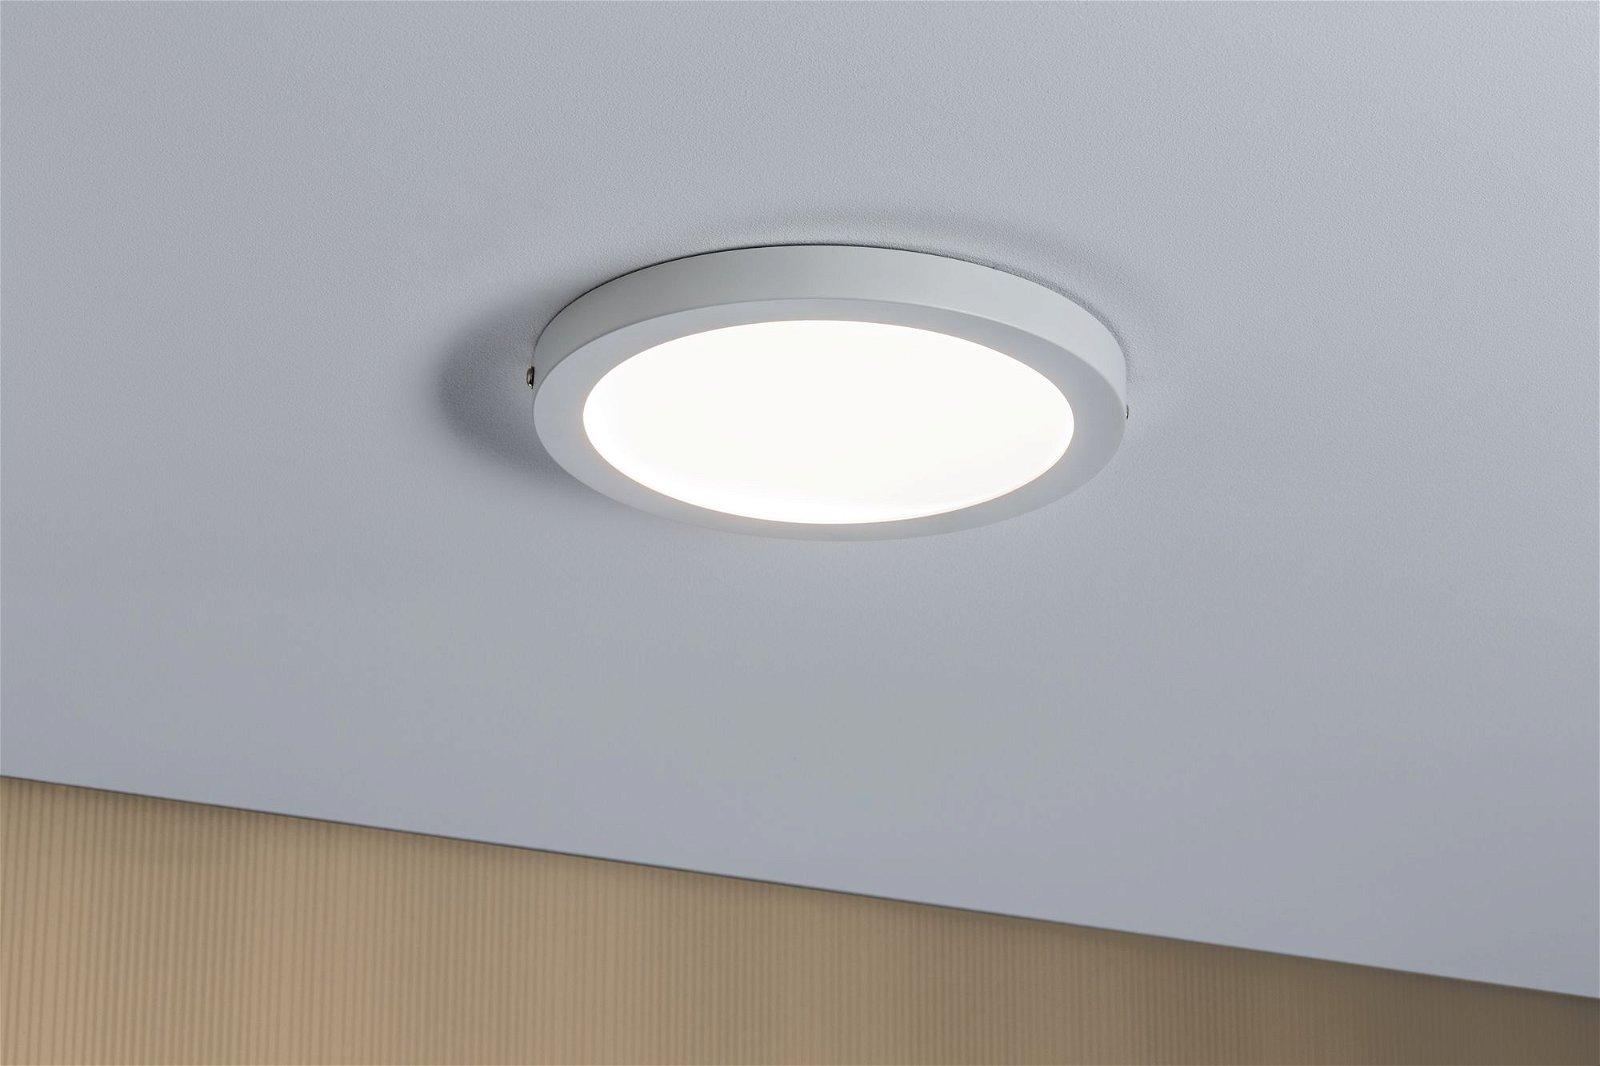 LED Panel Atria round 220mm 1500lm 4000K Matt white